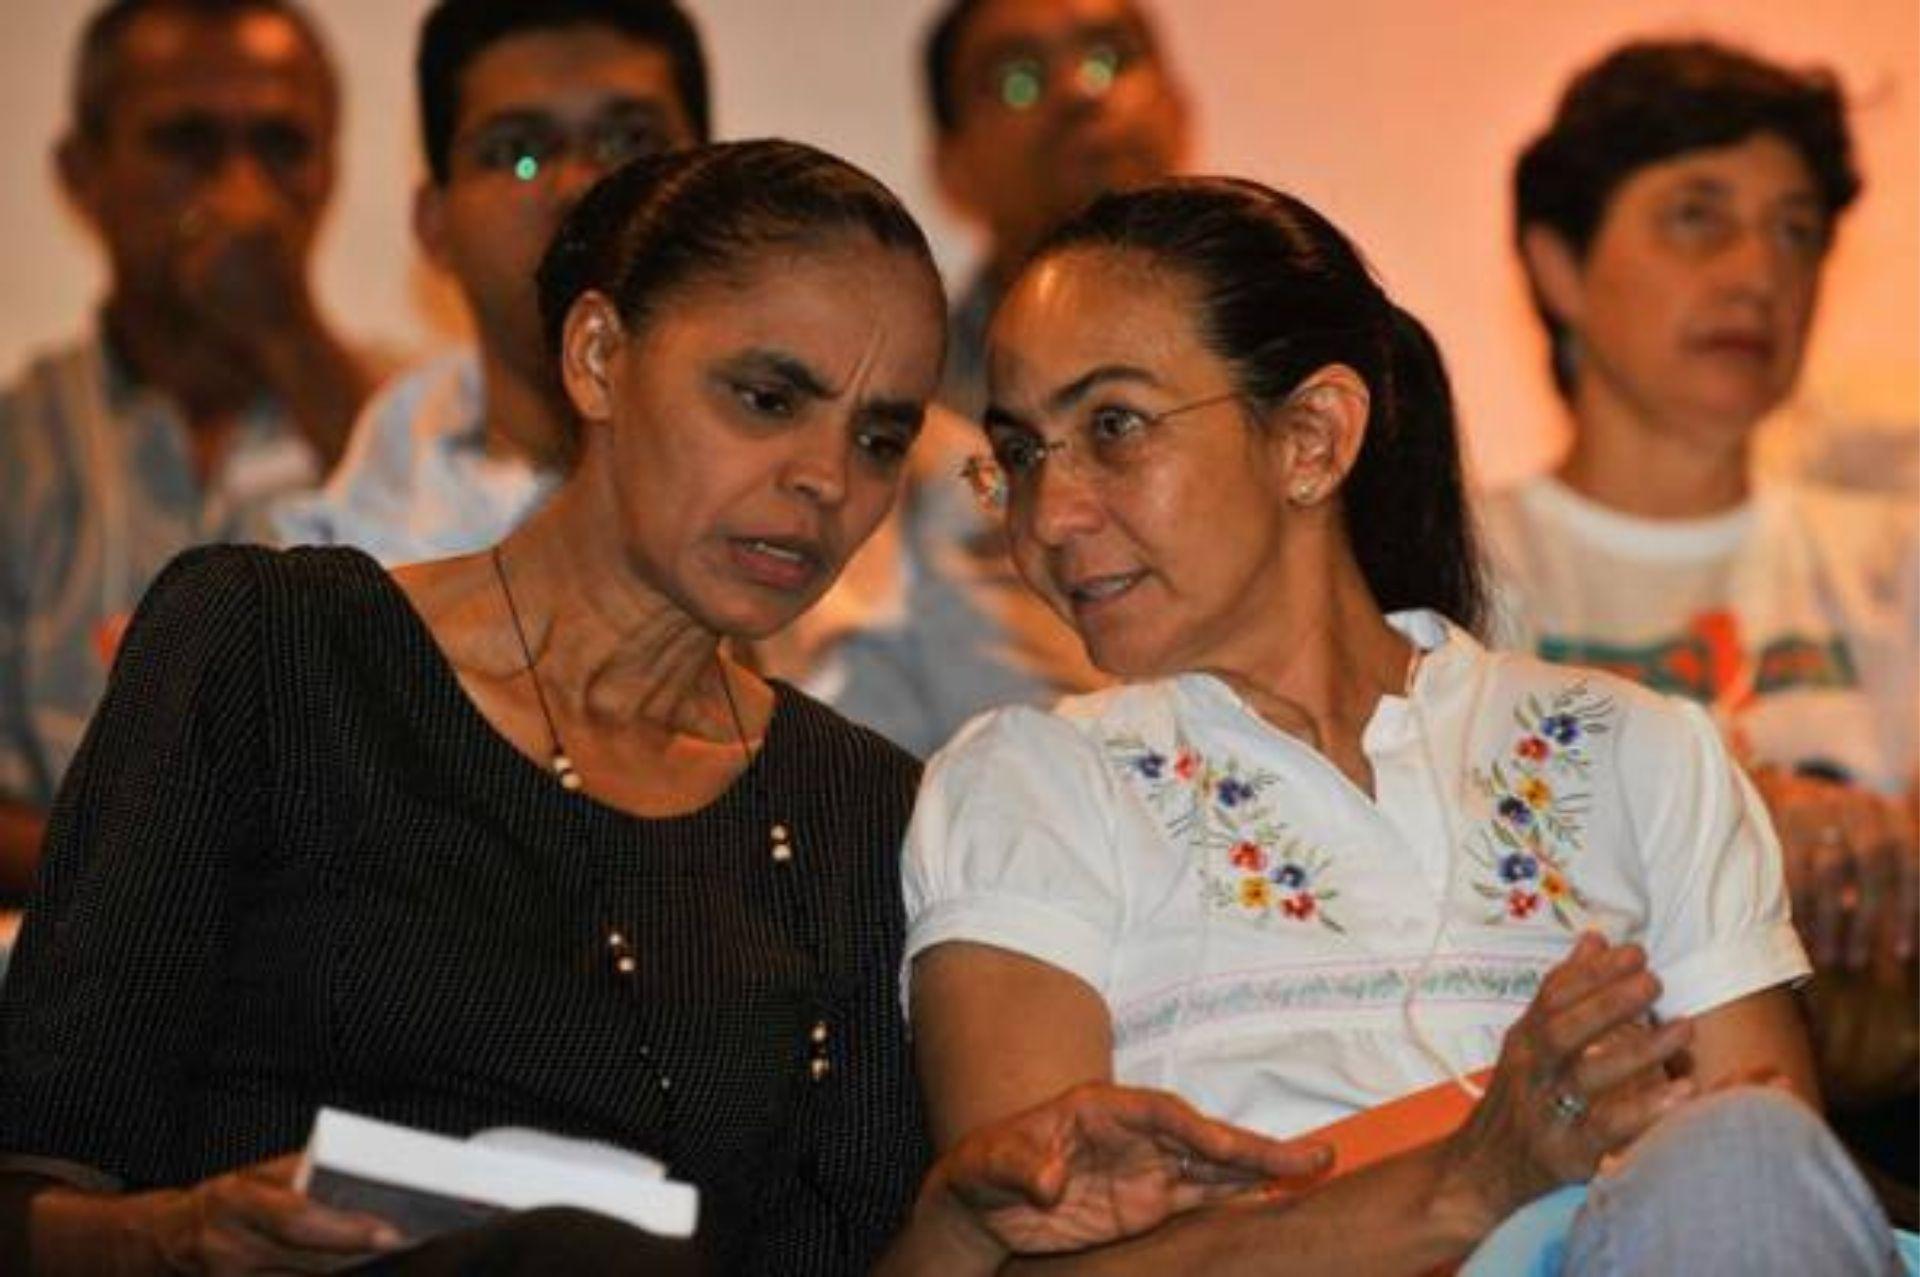 Marina Silva e Heloísa Helena criticam possível instalação de usina nuclear em Pernambuco